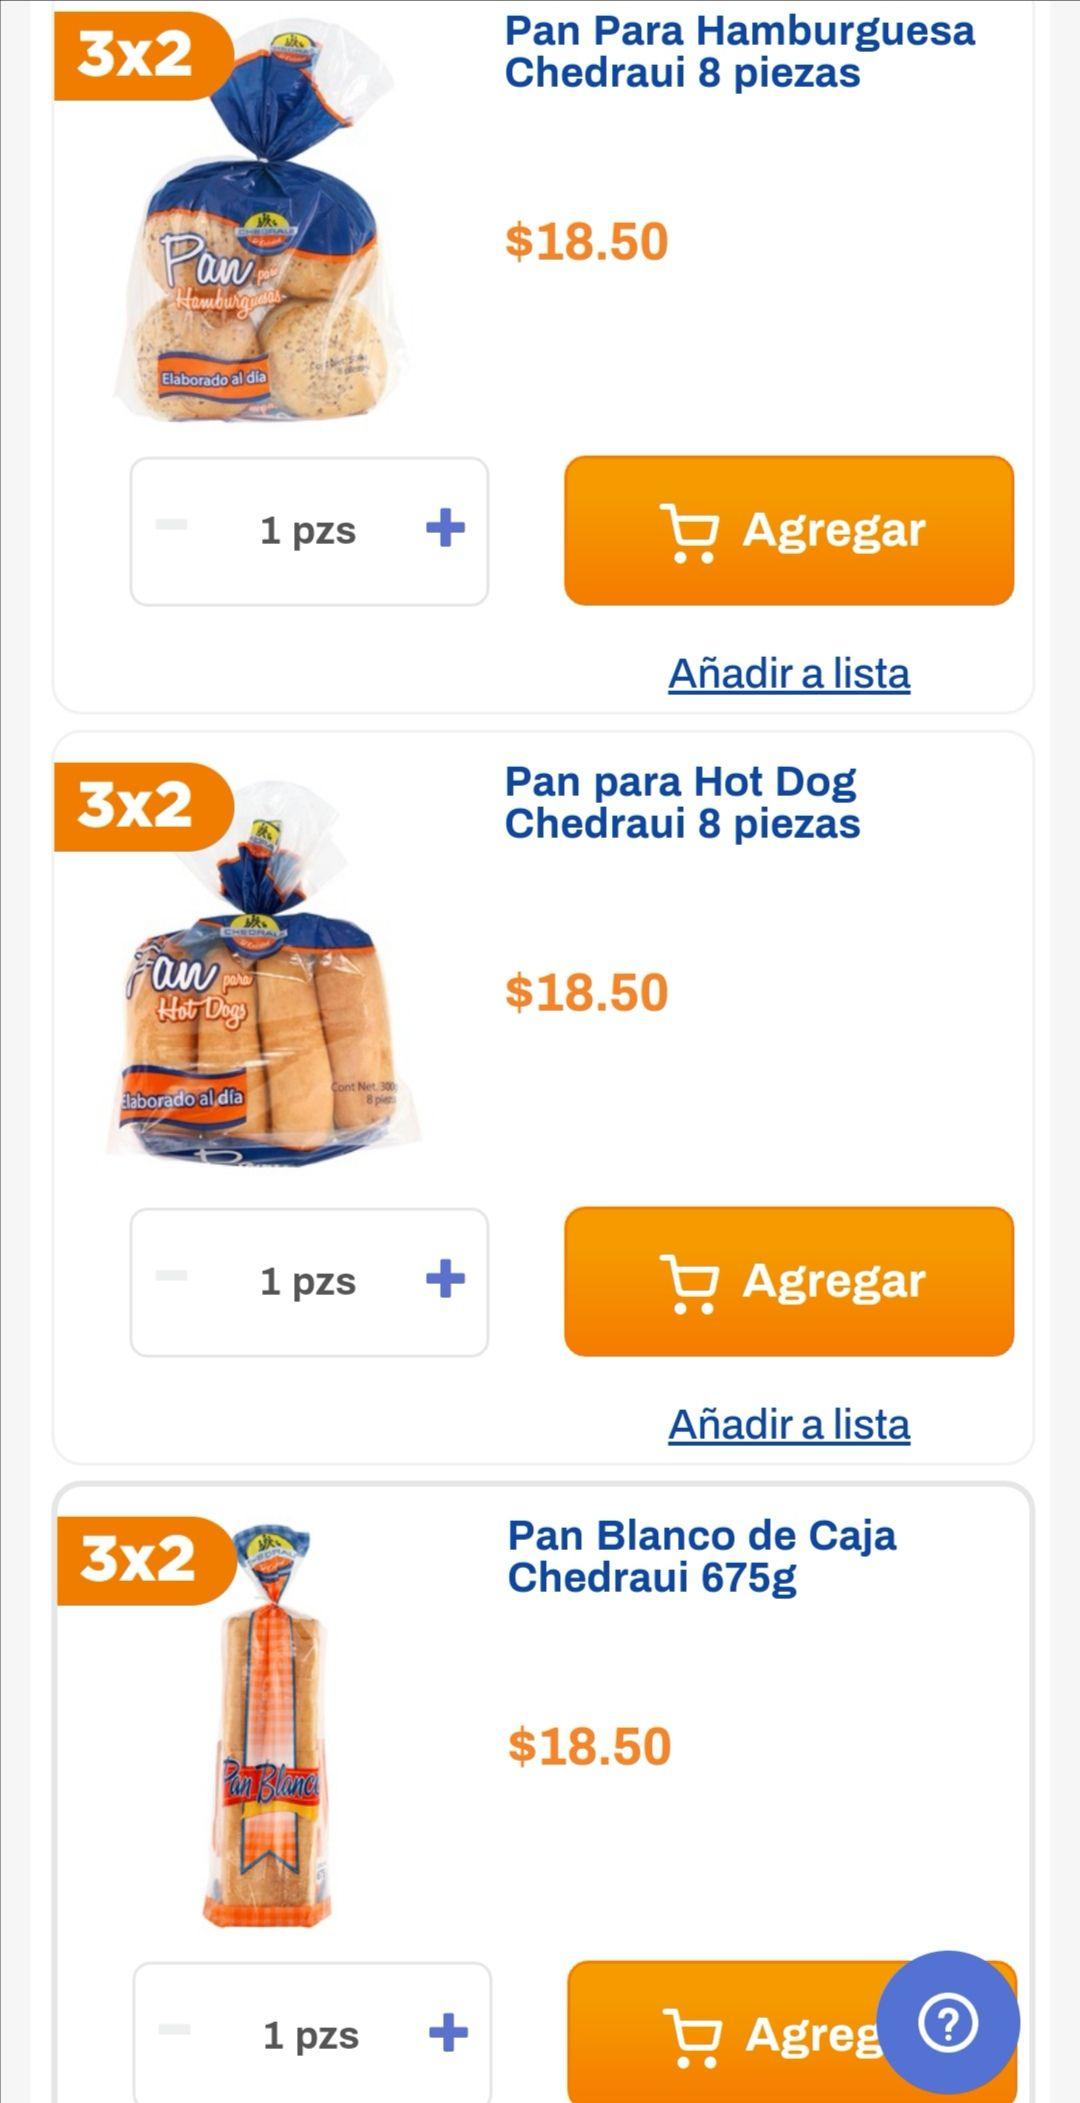 Chedraui: 3 x 2 en pan blanco de caja, pan para hamburguesa y pan para hot dog marca Chedraui